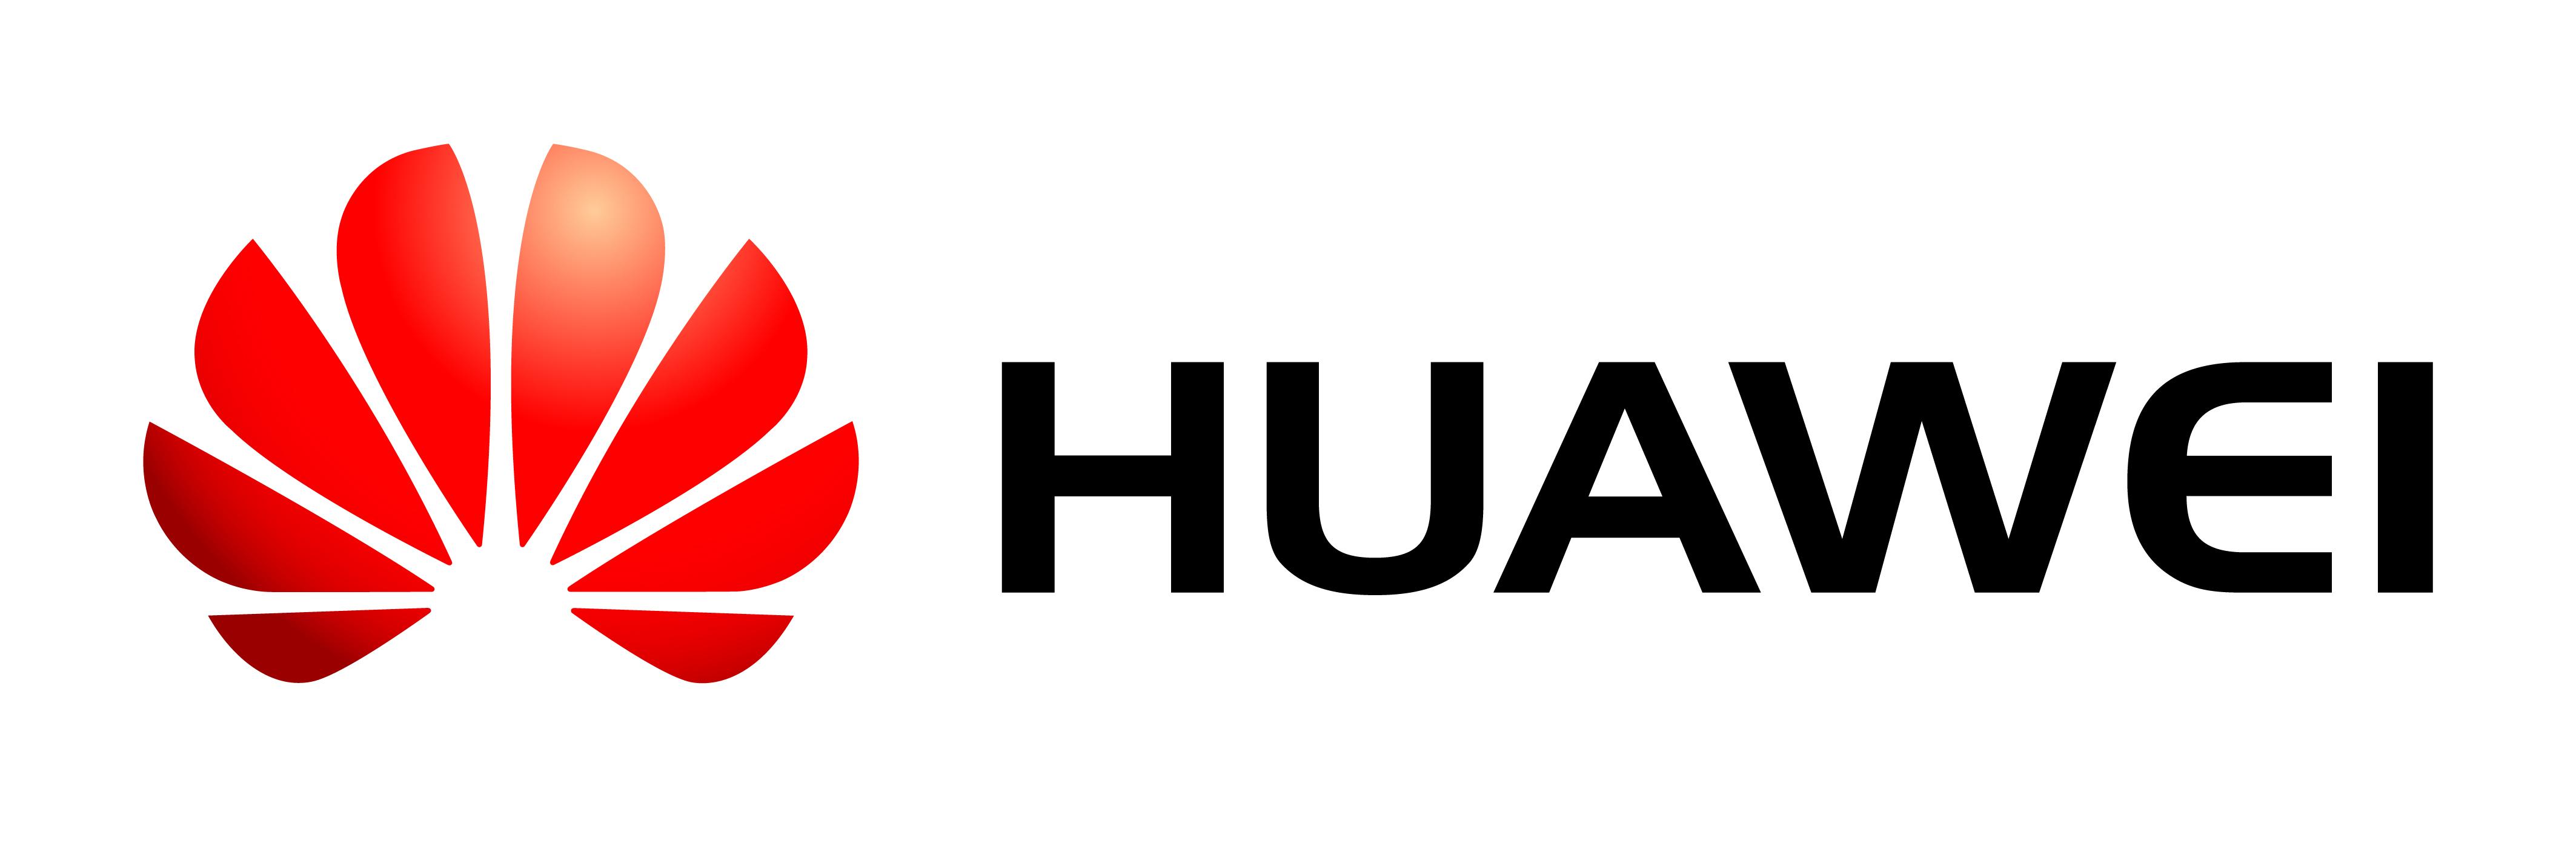 Процессор Huawei обошел по производительности флагманский чип Intel